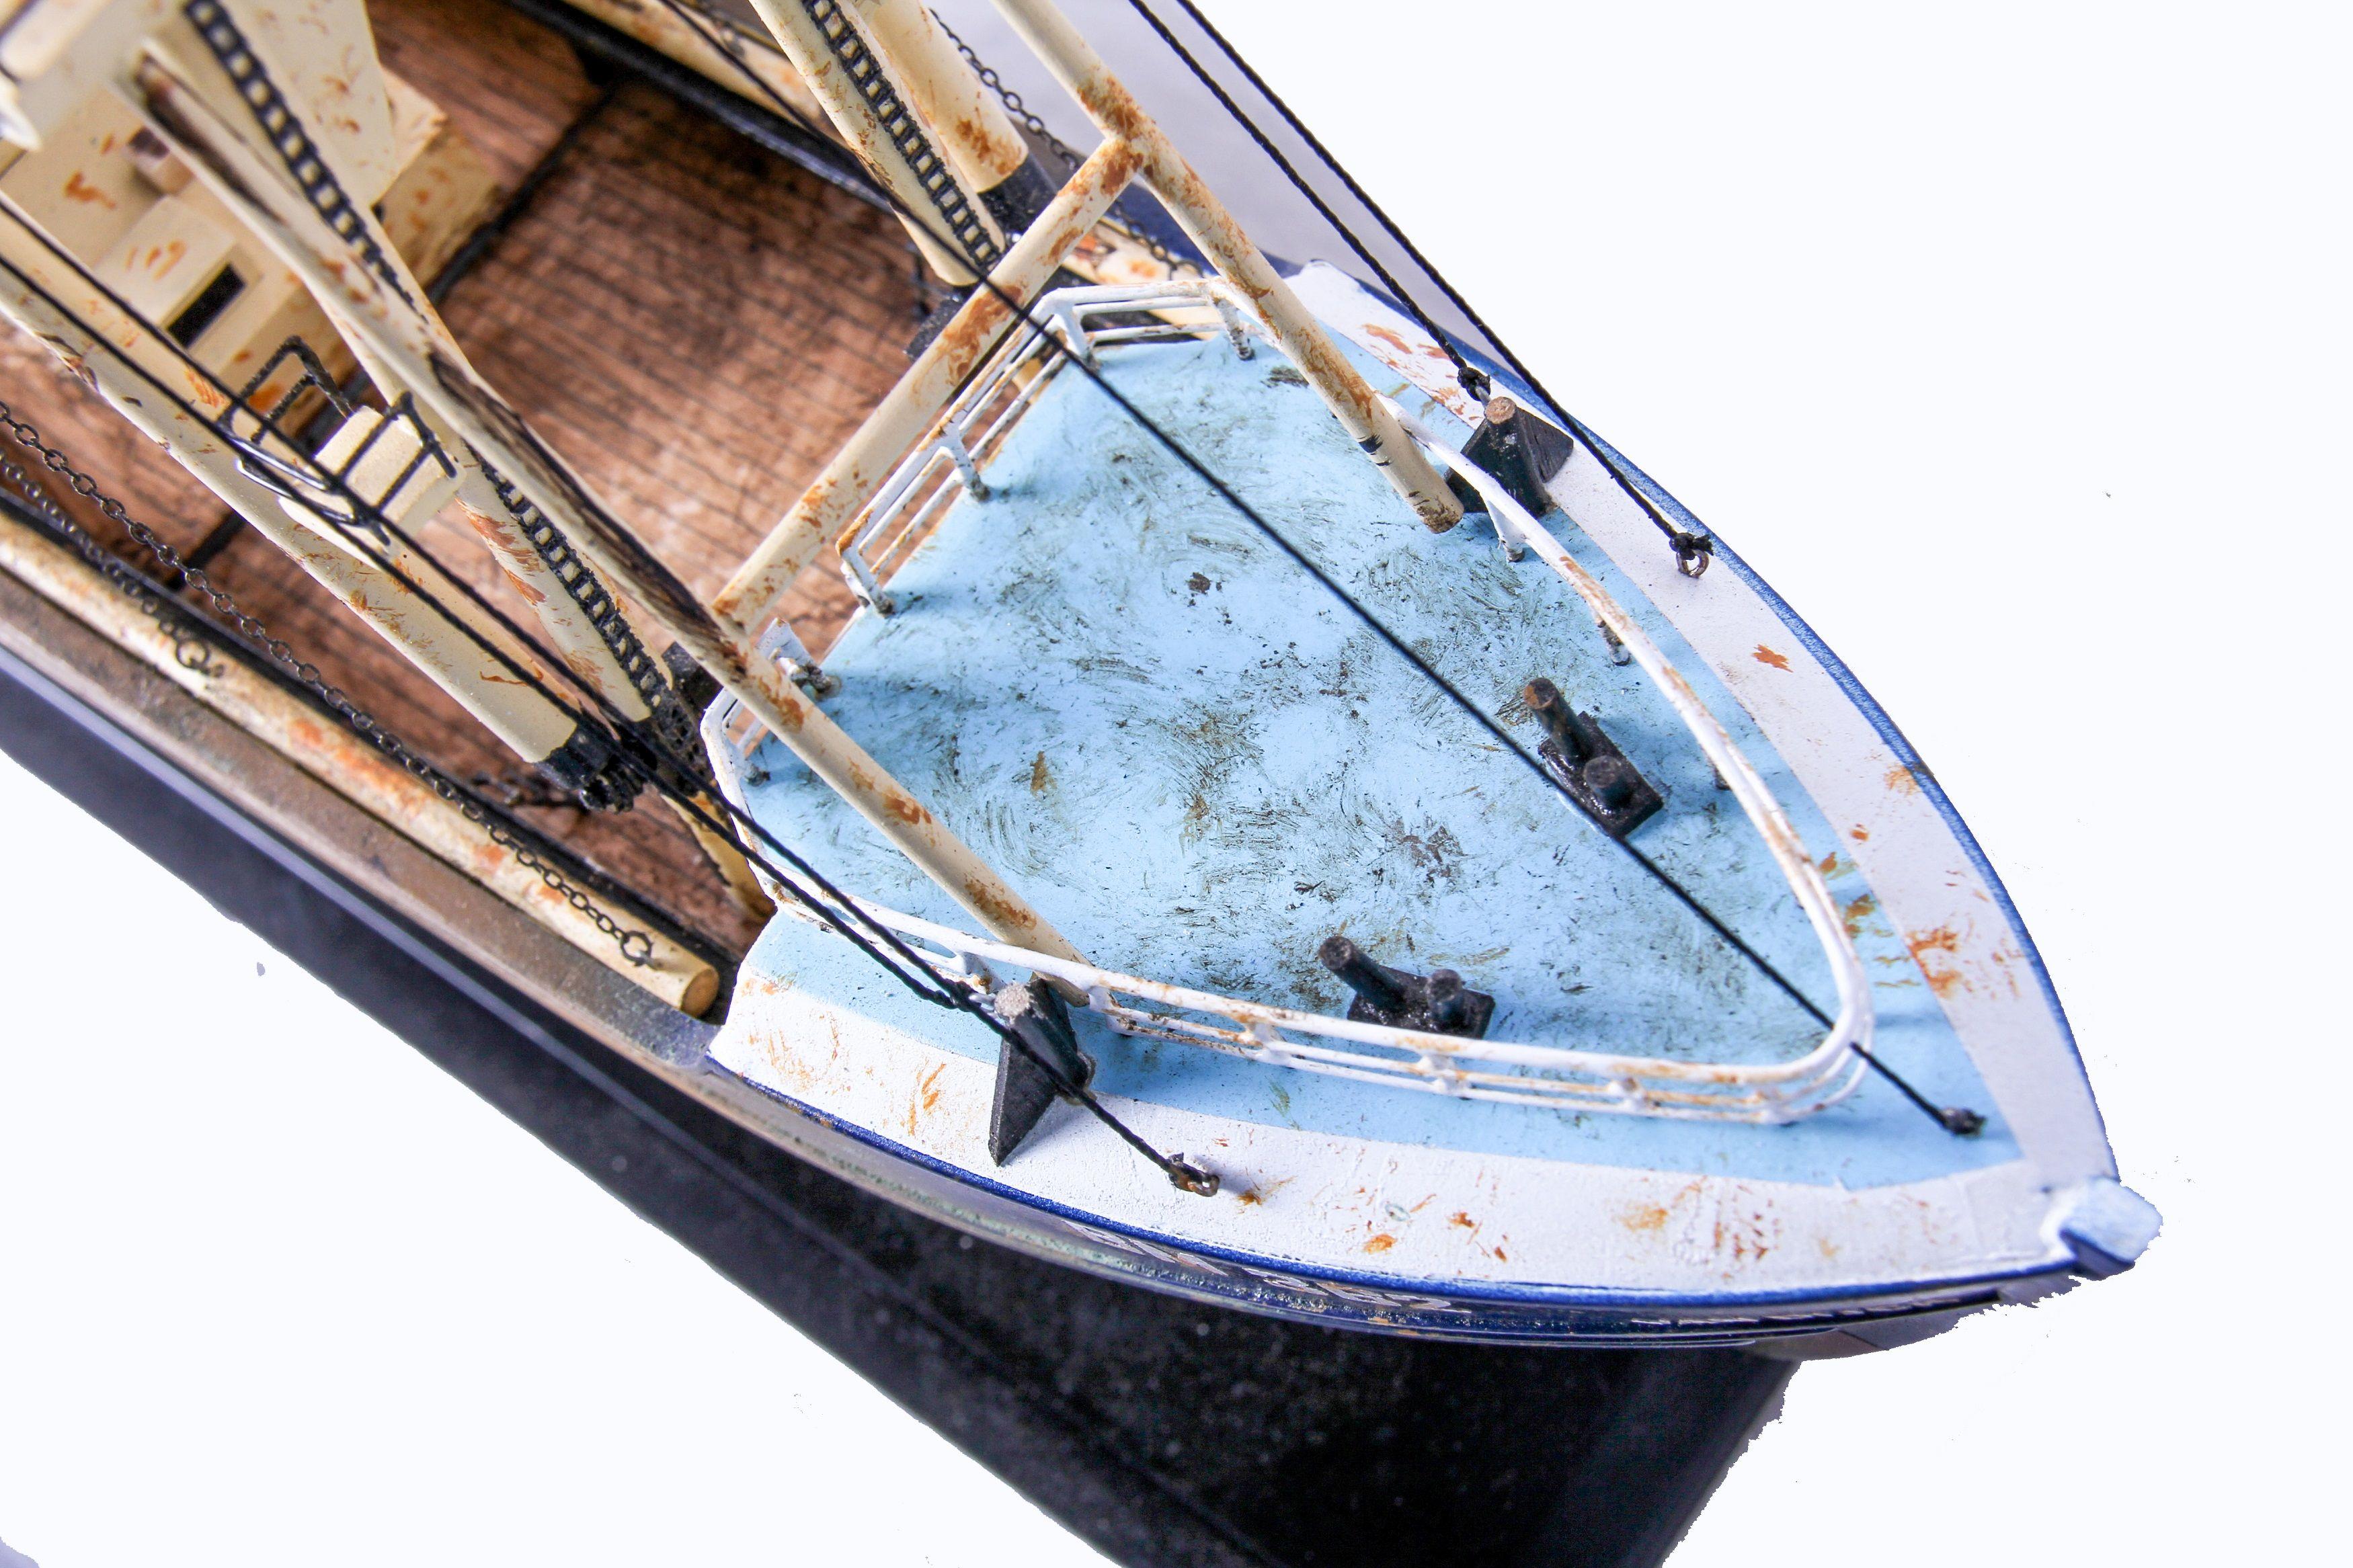 1690-9562-Van-Dijck-Fishing-trawler